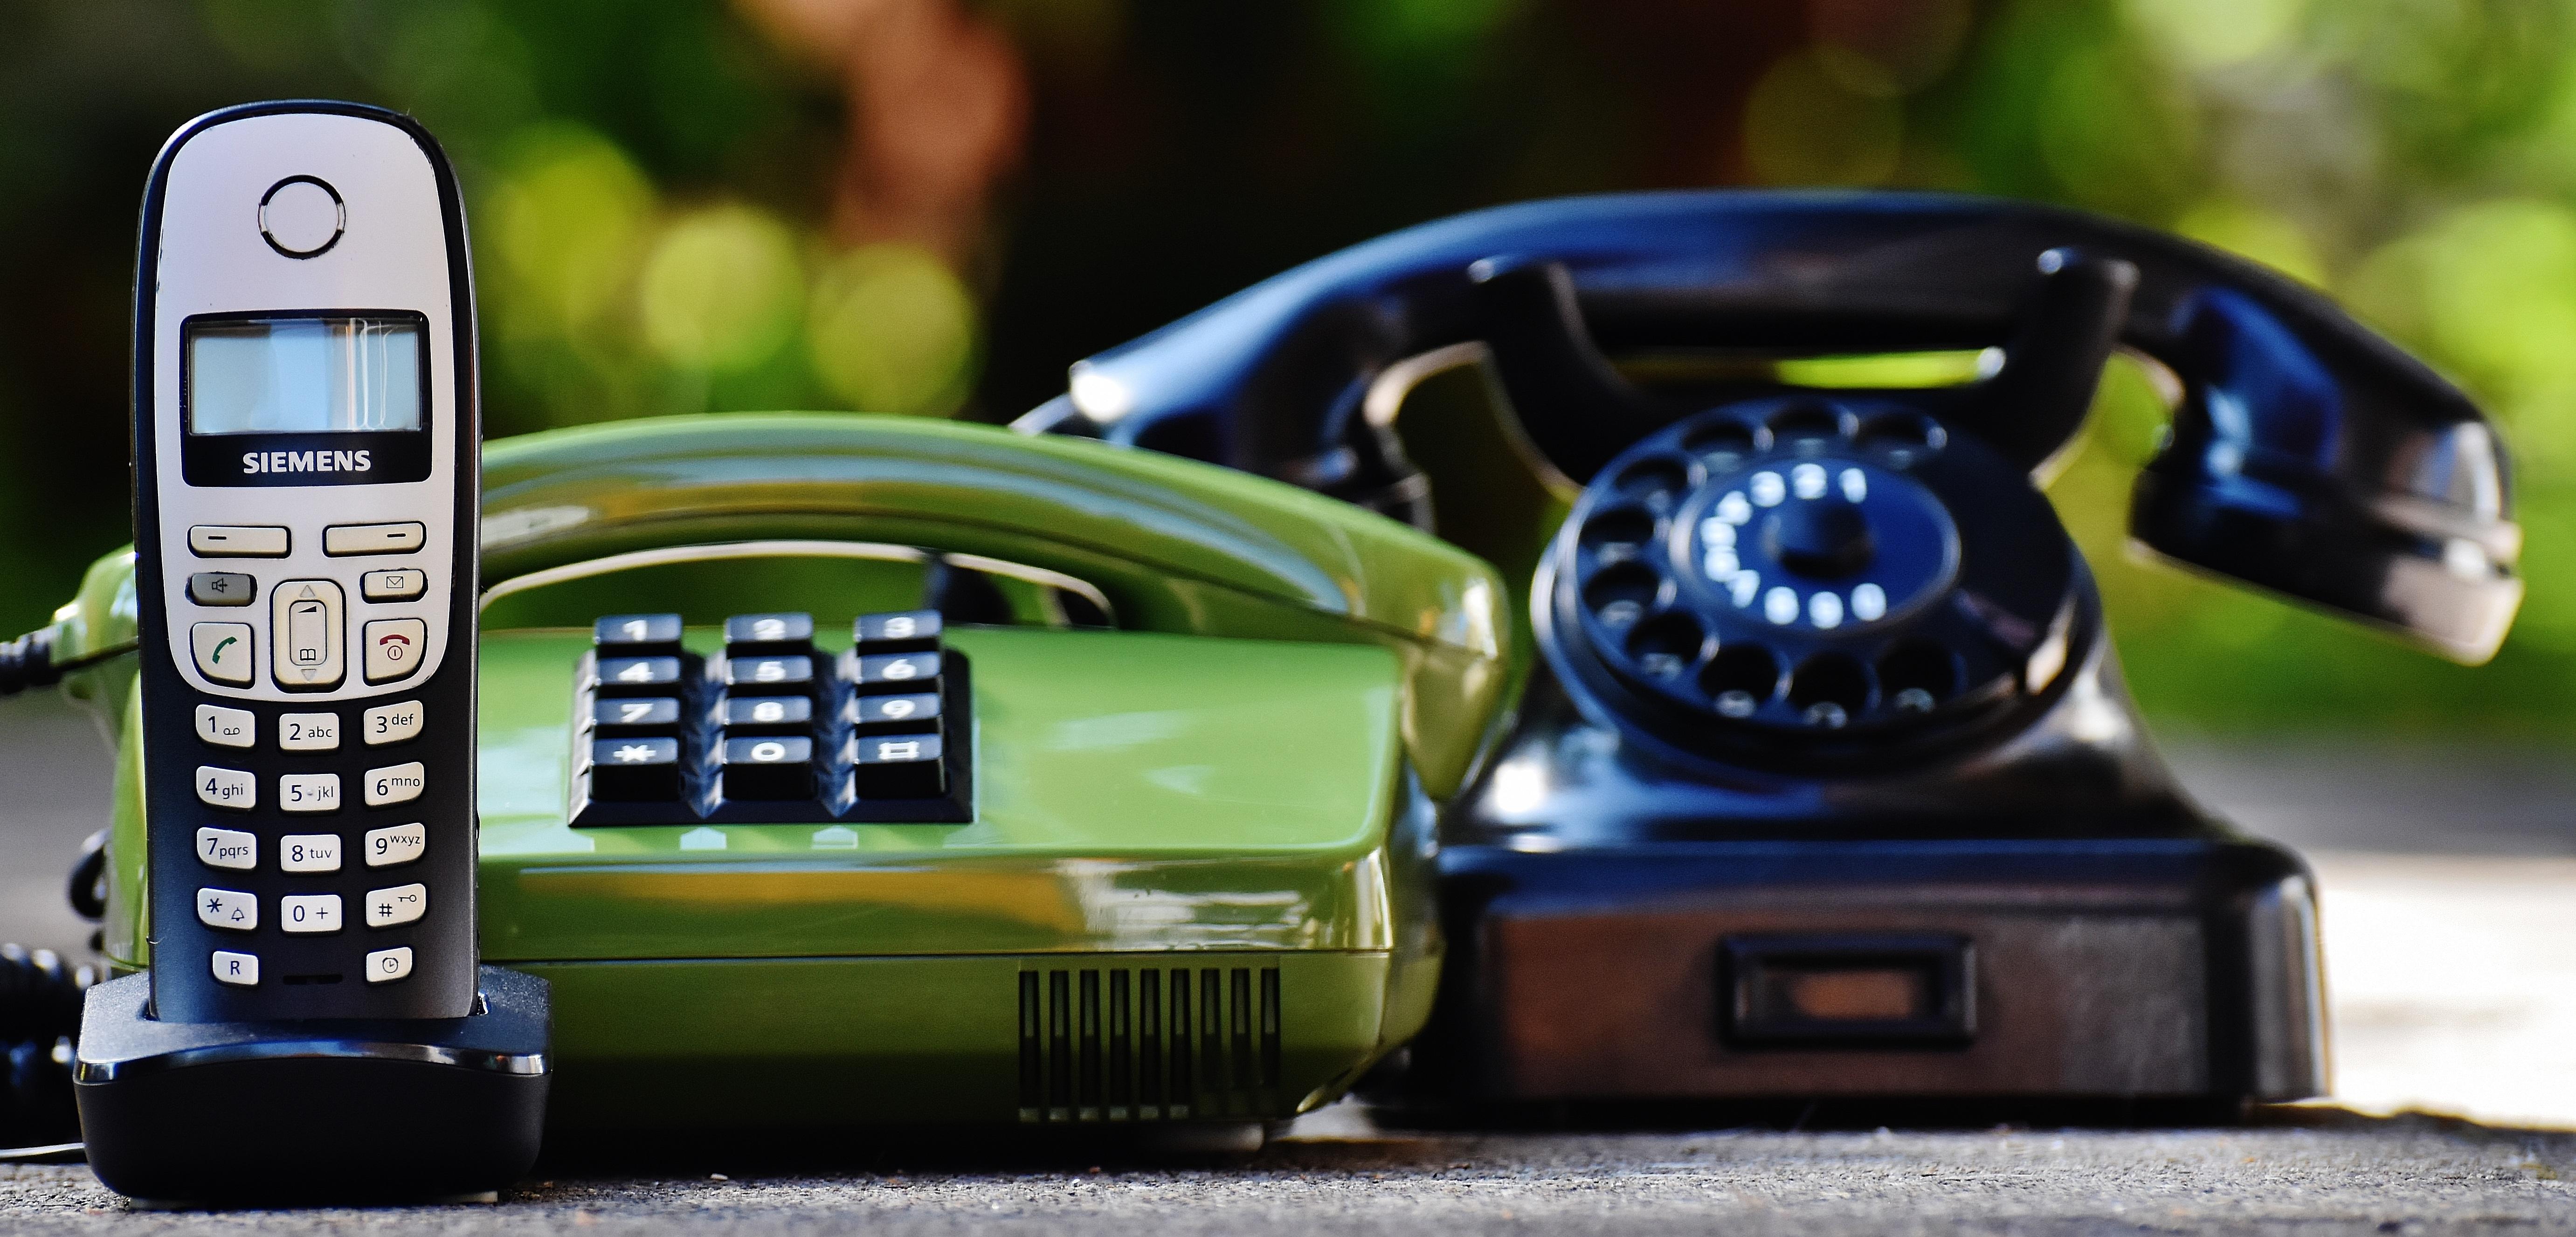 Démarchage téléphonique, sécurité du foyer et cambriolage : attention